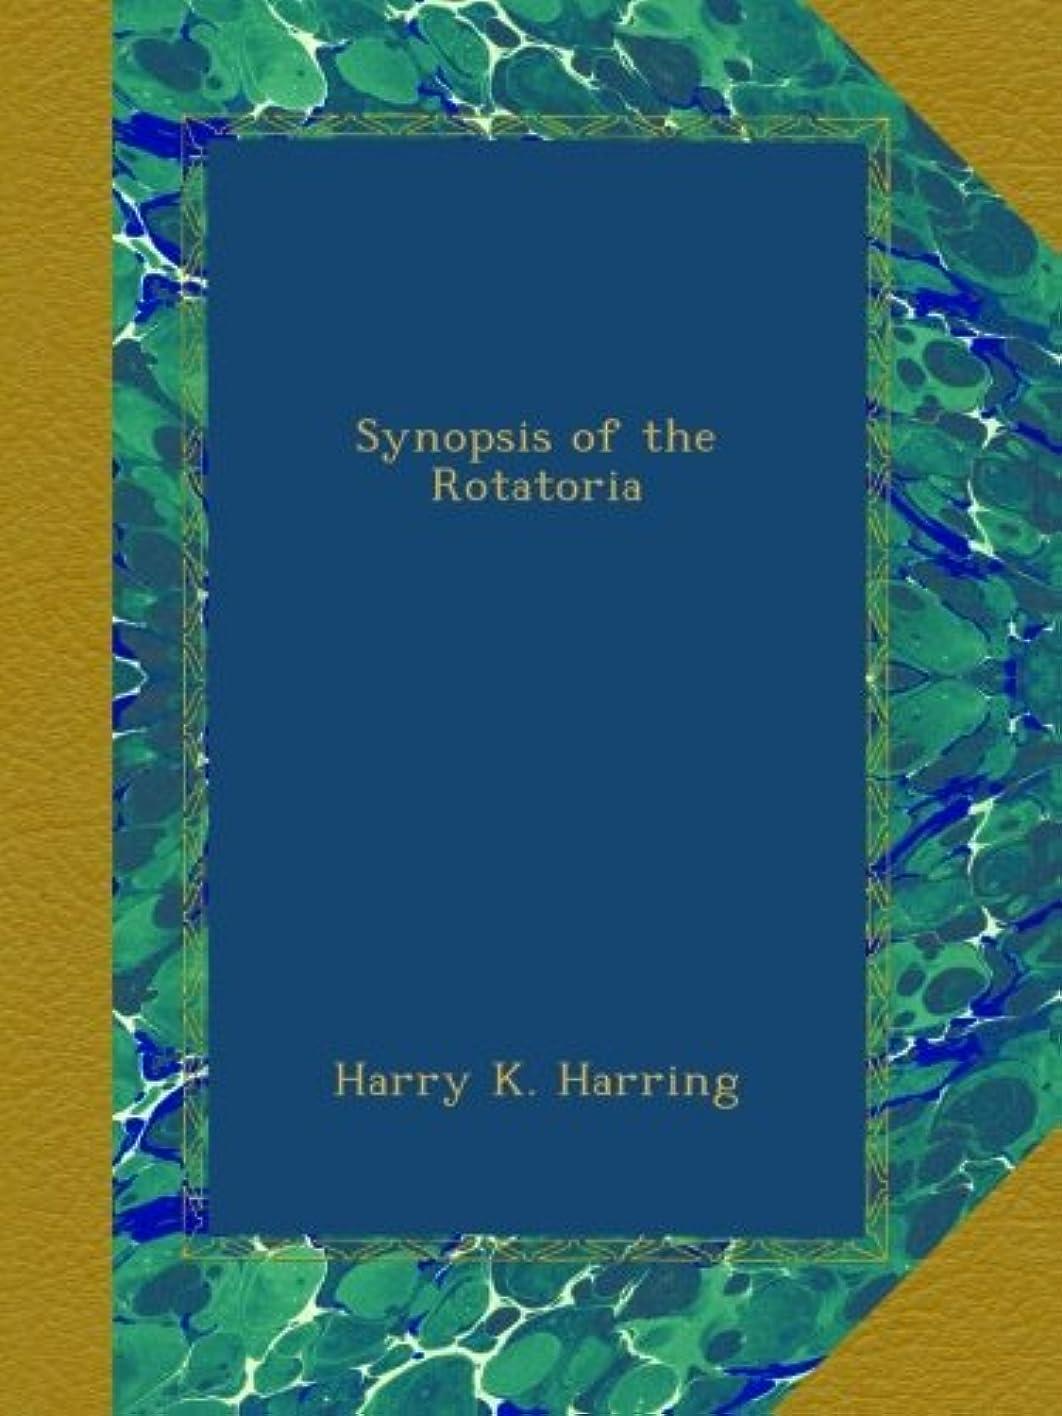 ブート便利さ法的Synopsis of the Rotatoria